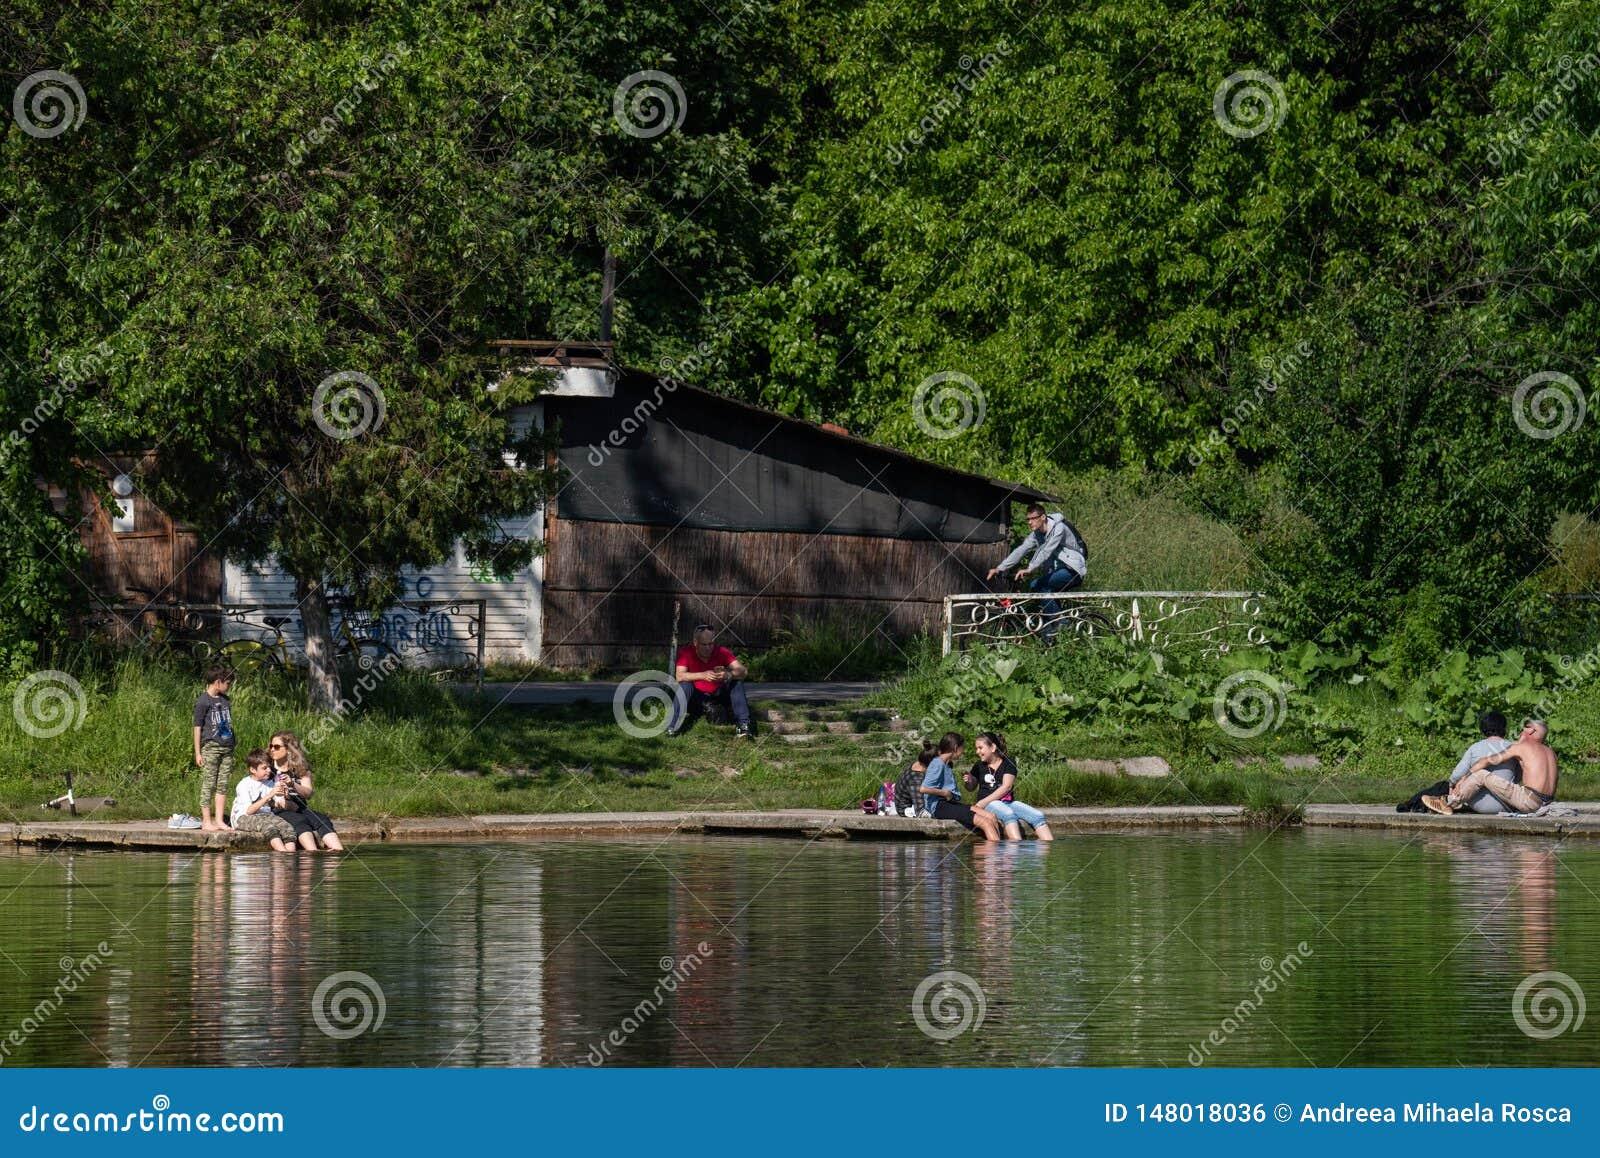 Άνθρωποι που έχουν έναν χρόνο διασκέδασης σε μια θερμή ημέρα κοντά στη λίμνη